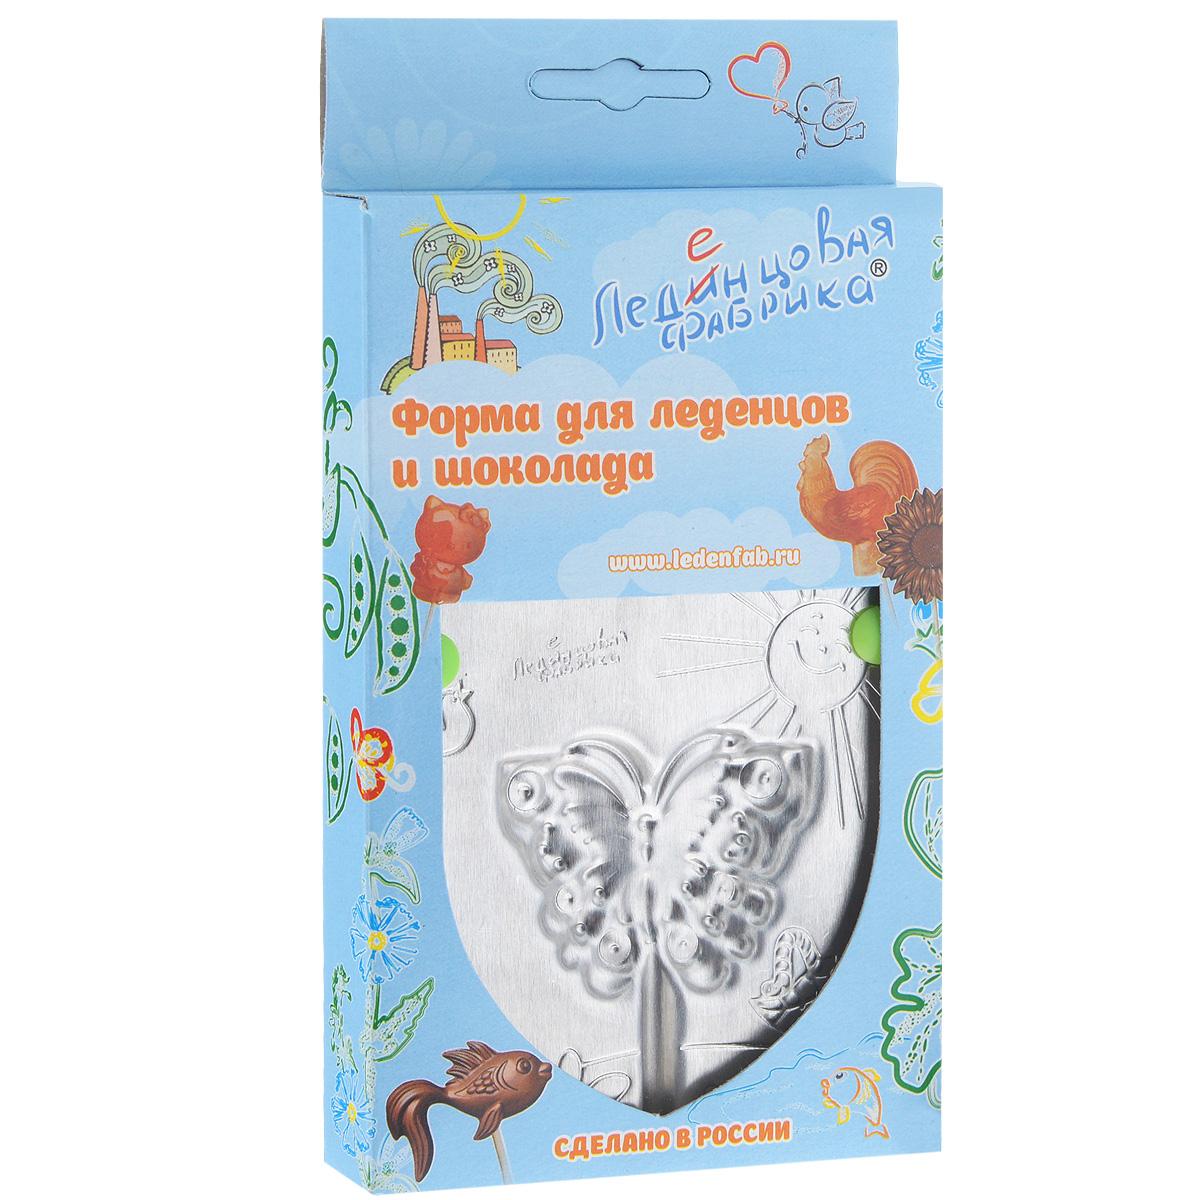 Форма для леденцов Бабочка, 9,5 см х 9,5 см54 009312С помощью формы Бабочка вы сможете сделать разнообразные леденцы и шоколадки своими руками, используя натуральные продукты: сахар, воду, сок и готовый шоколад. Изделие выполнено из пищевого алюминия. Форма удобна в использовании и оснащена пластиковыми ножками. В комплект входят 10 палочек для леденцов, выполненных из бамбука, и инструкция по применению. Размер формы: 9,5 см х 9,5 см. Размер готового леденца: 4,2 см х 5,3 см. Длина палочки: 15 см.